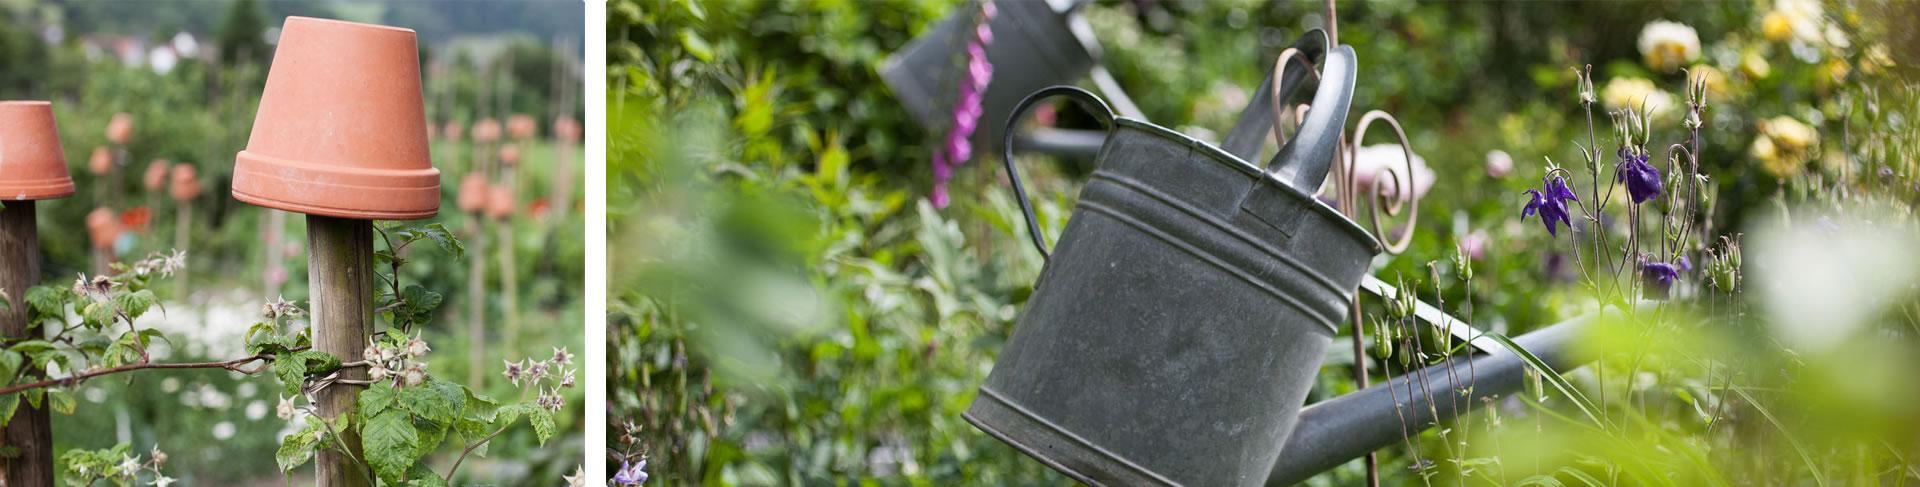 Im Garten warten liebevoll gestaltete Details darauf entdeckt zu werden